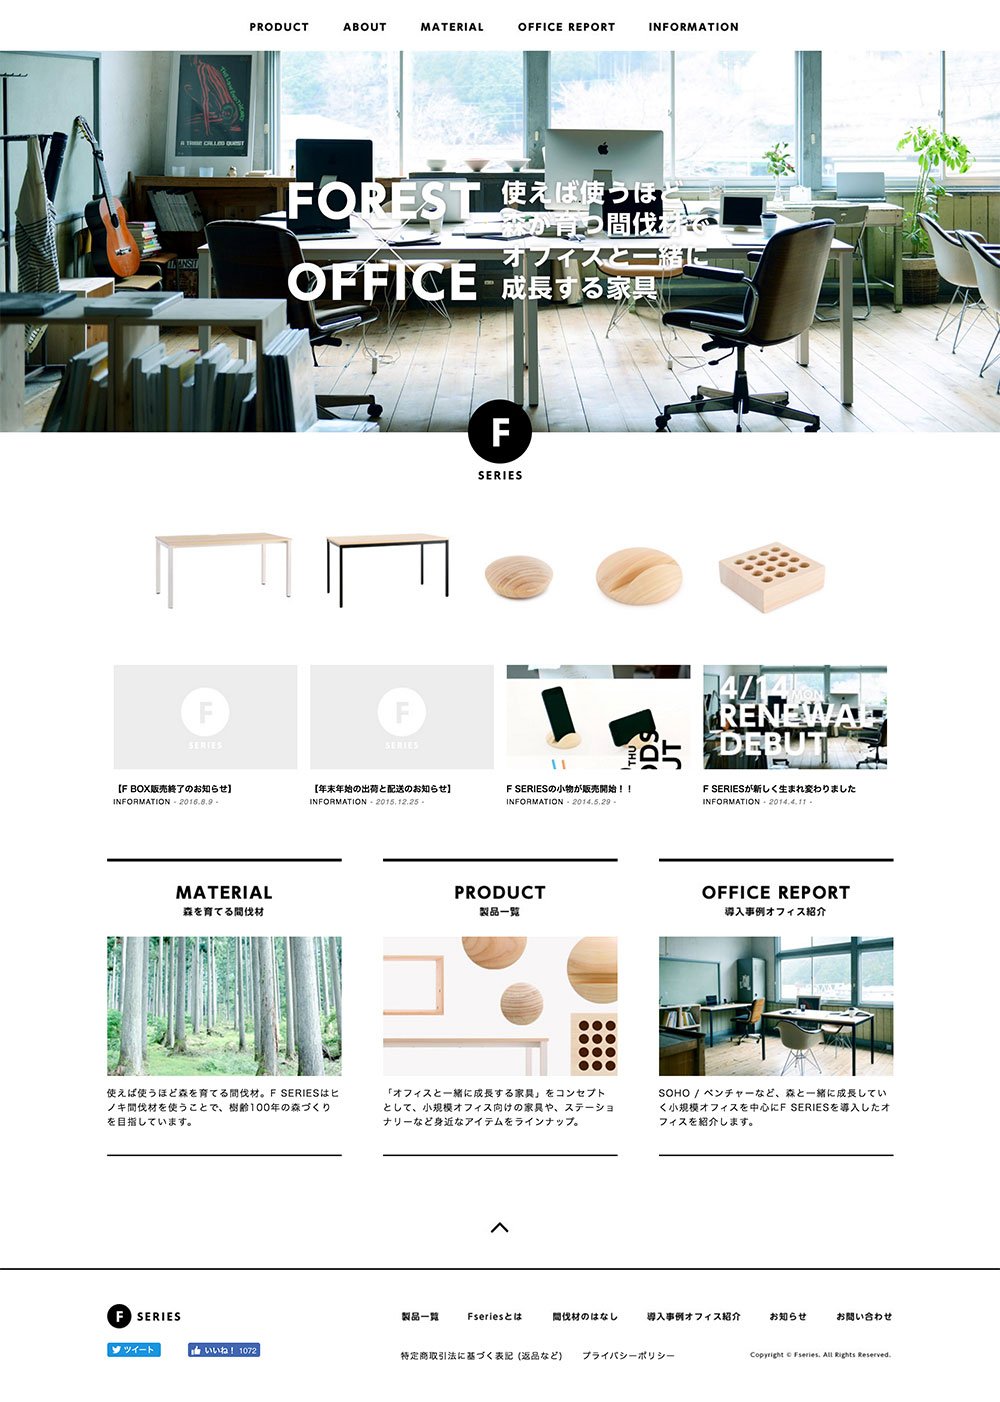 F SERIES|森を育てる間伐材オフィス家具とステーショナリー